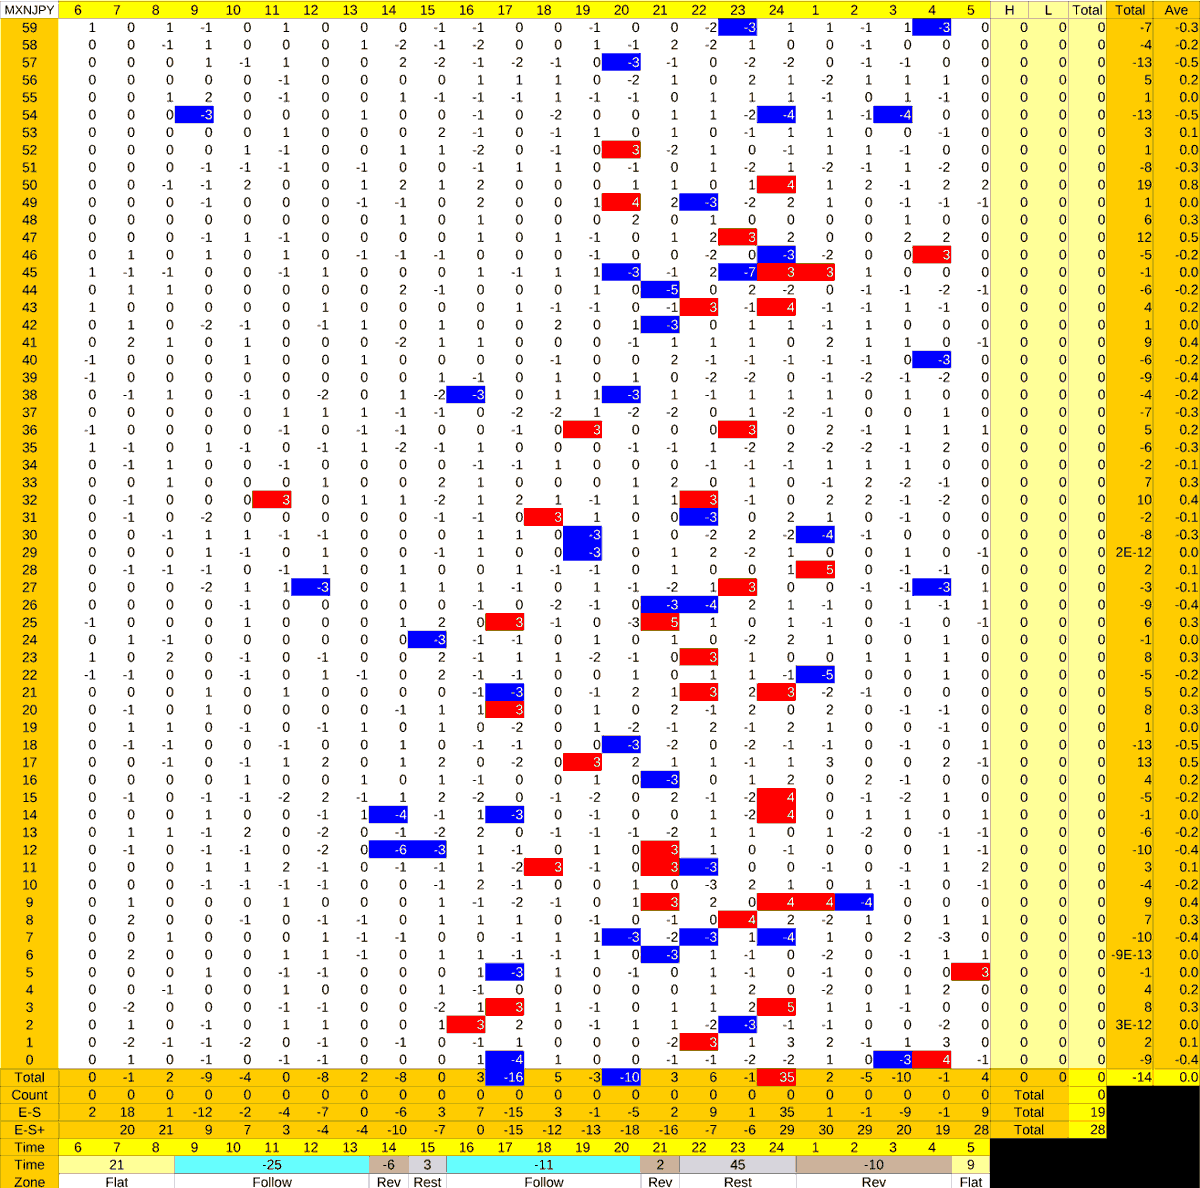 20210329_HS(3)MXNJPY-min